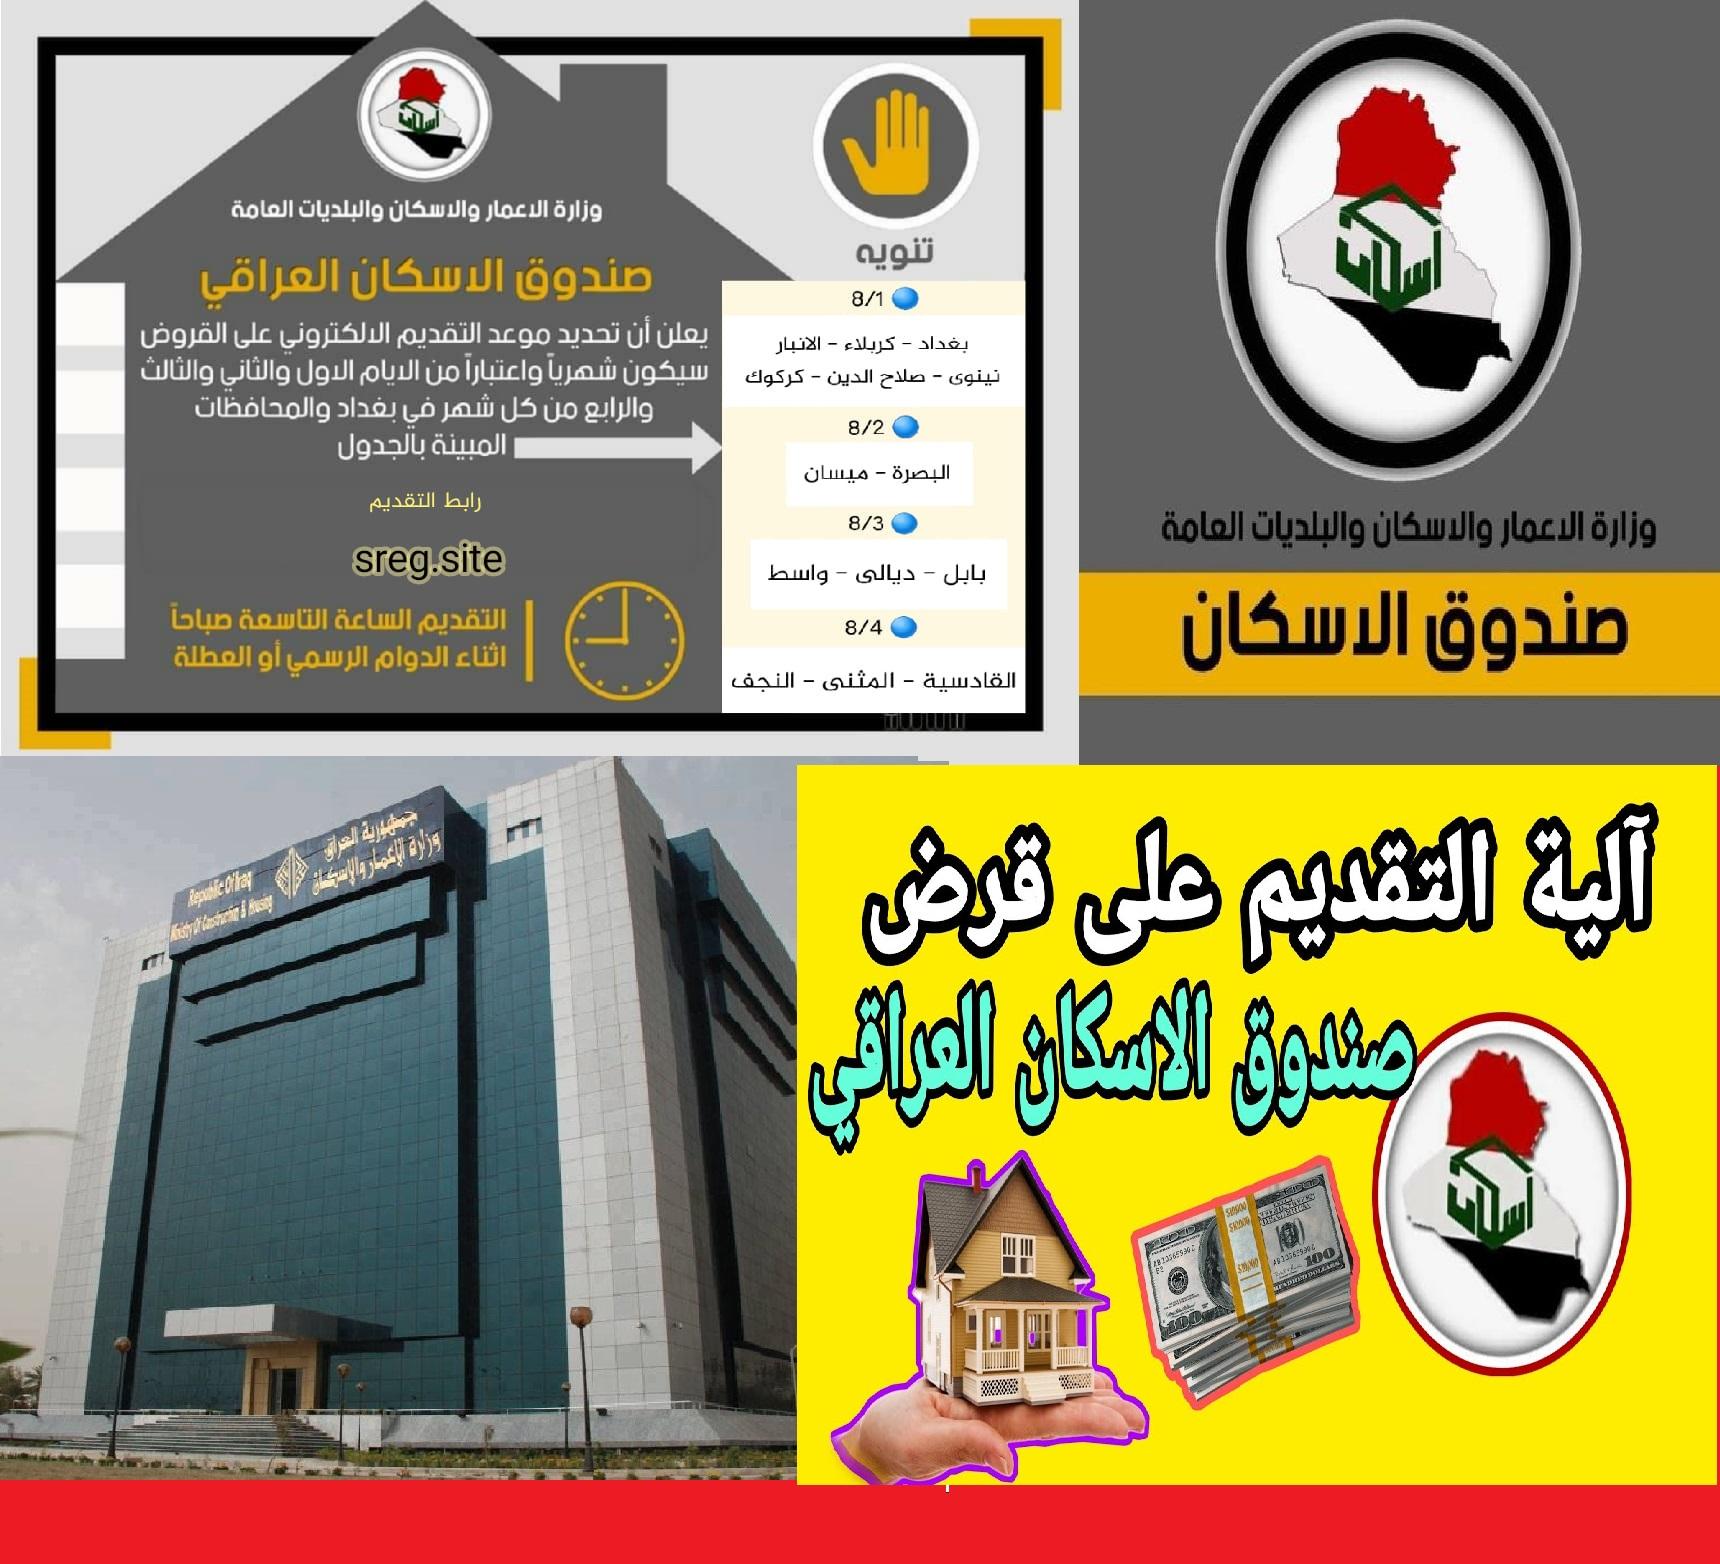 استمارة صندوق الإسكان العراقي رابط موقع تقديم معاملة قروض موعد وطريقة وألية التقديم الإلكتروني